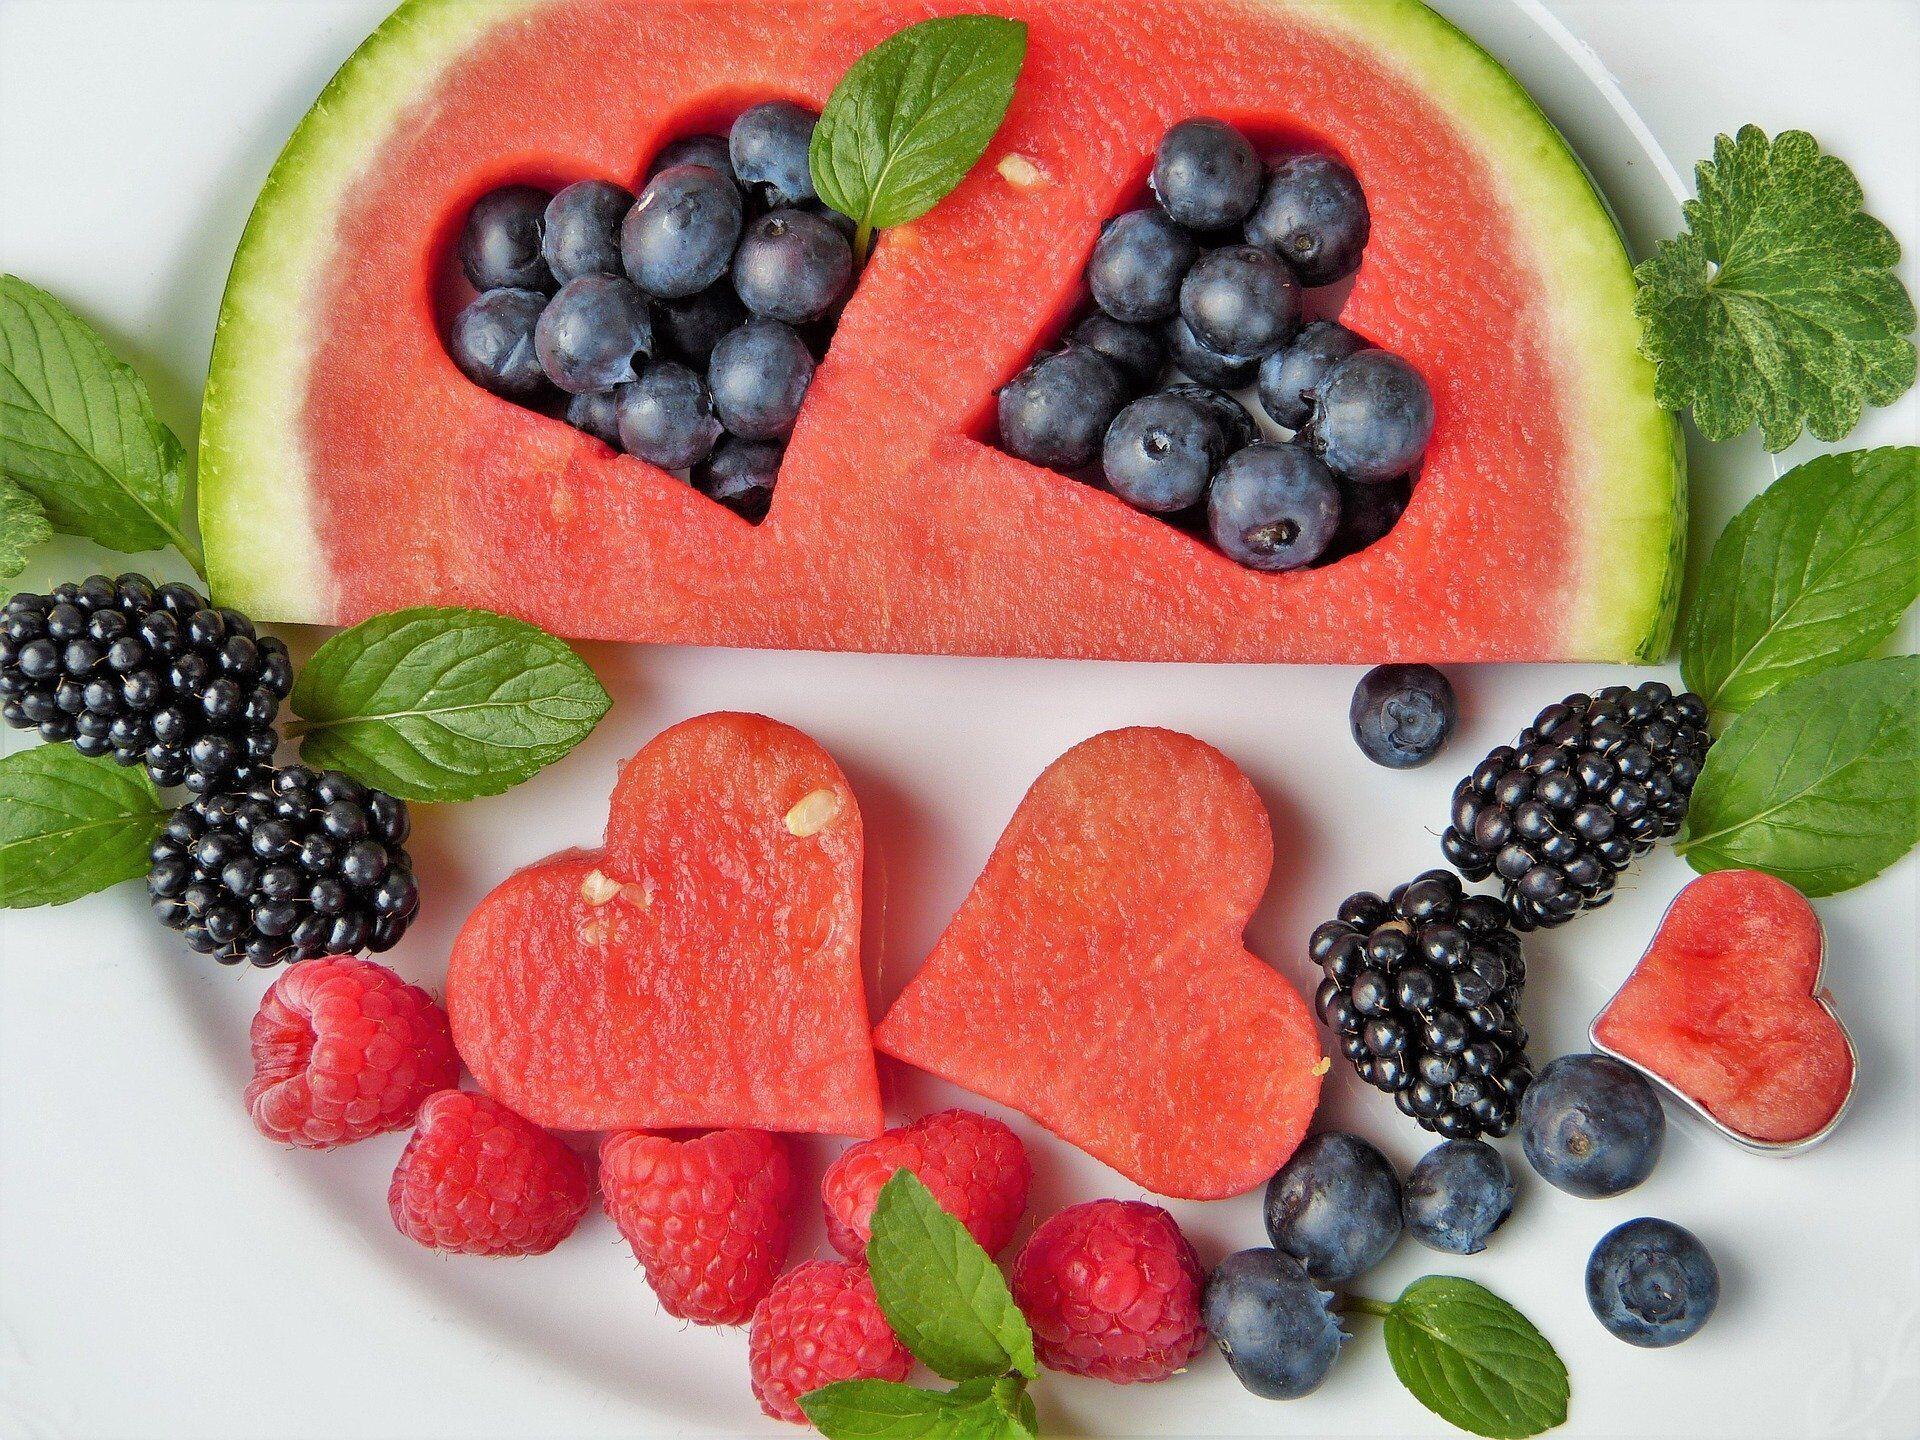 Найкращою для підтримки гарного настрою є середземноморська дієта